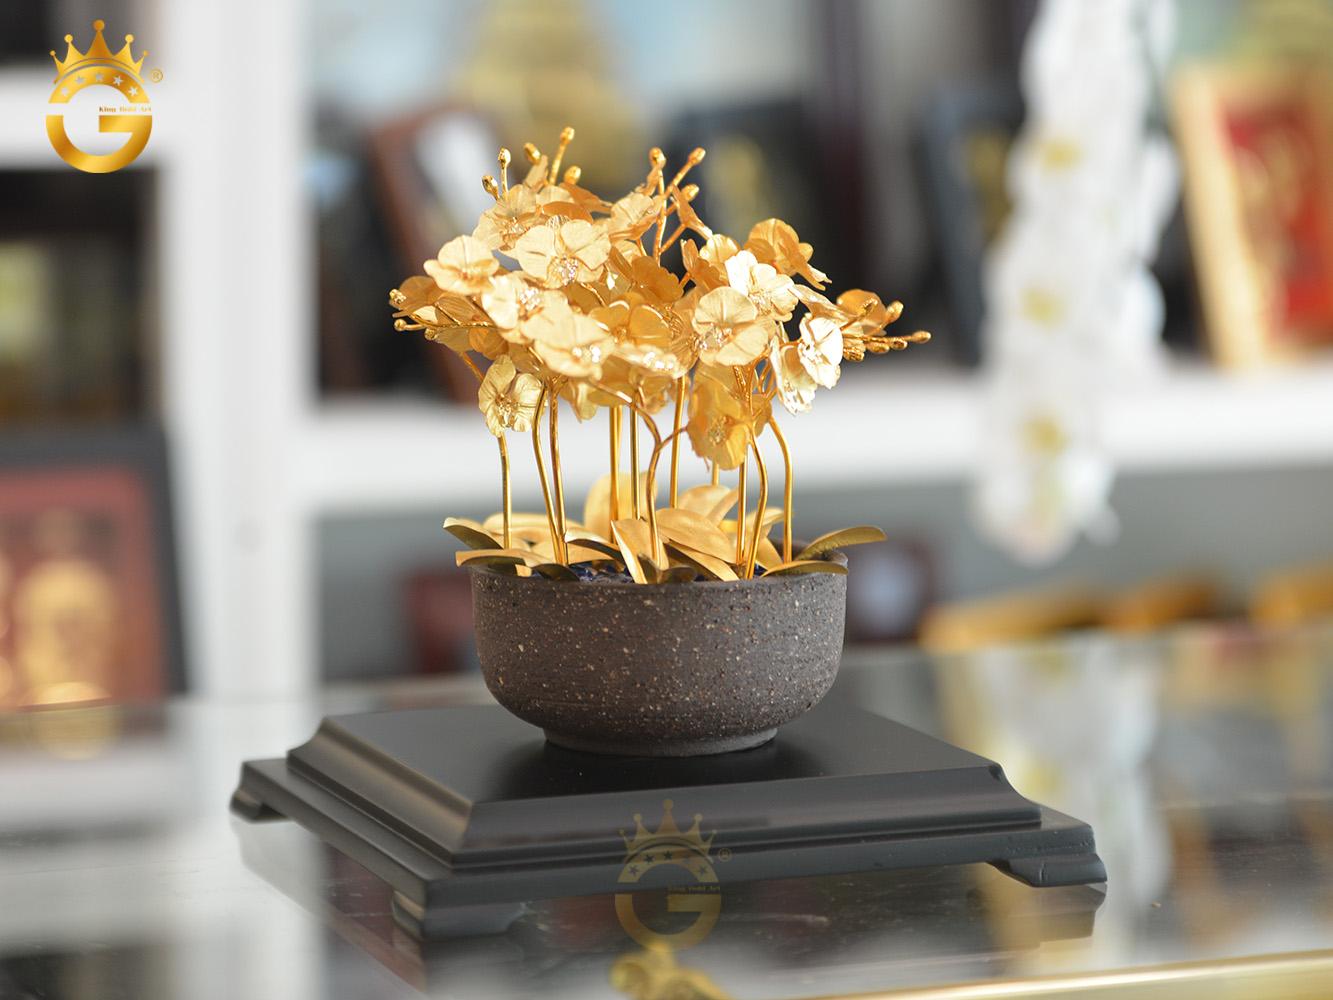 Chậu hoa lan hồ điệp 12 cành dát vàng 24k đẹp tinh xảo làm quà tặng khai trương công ty